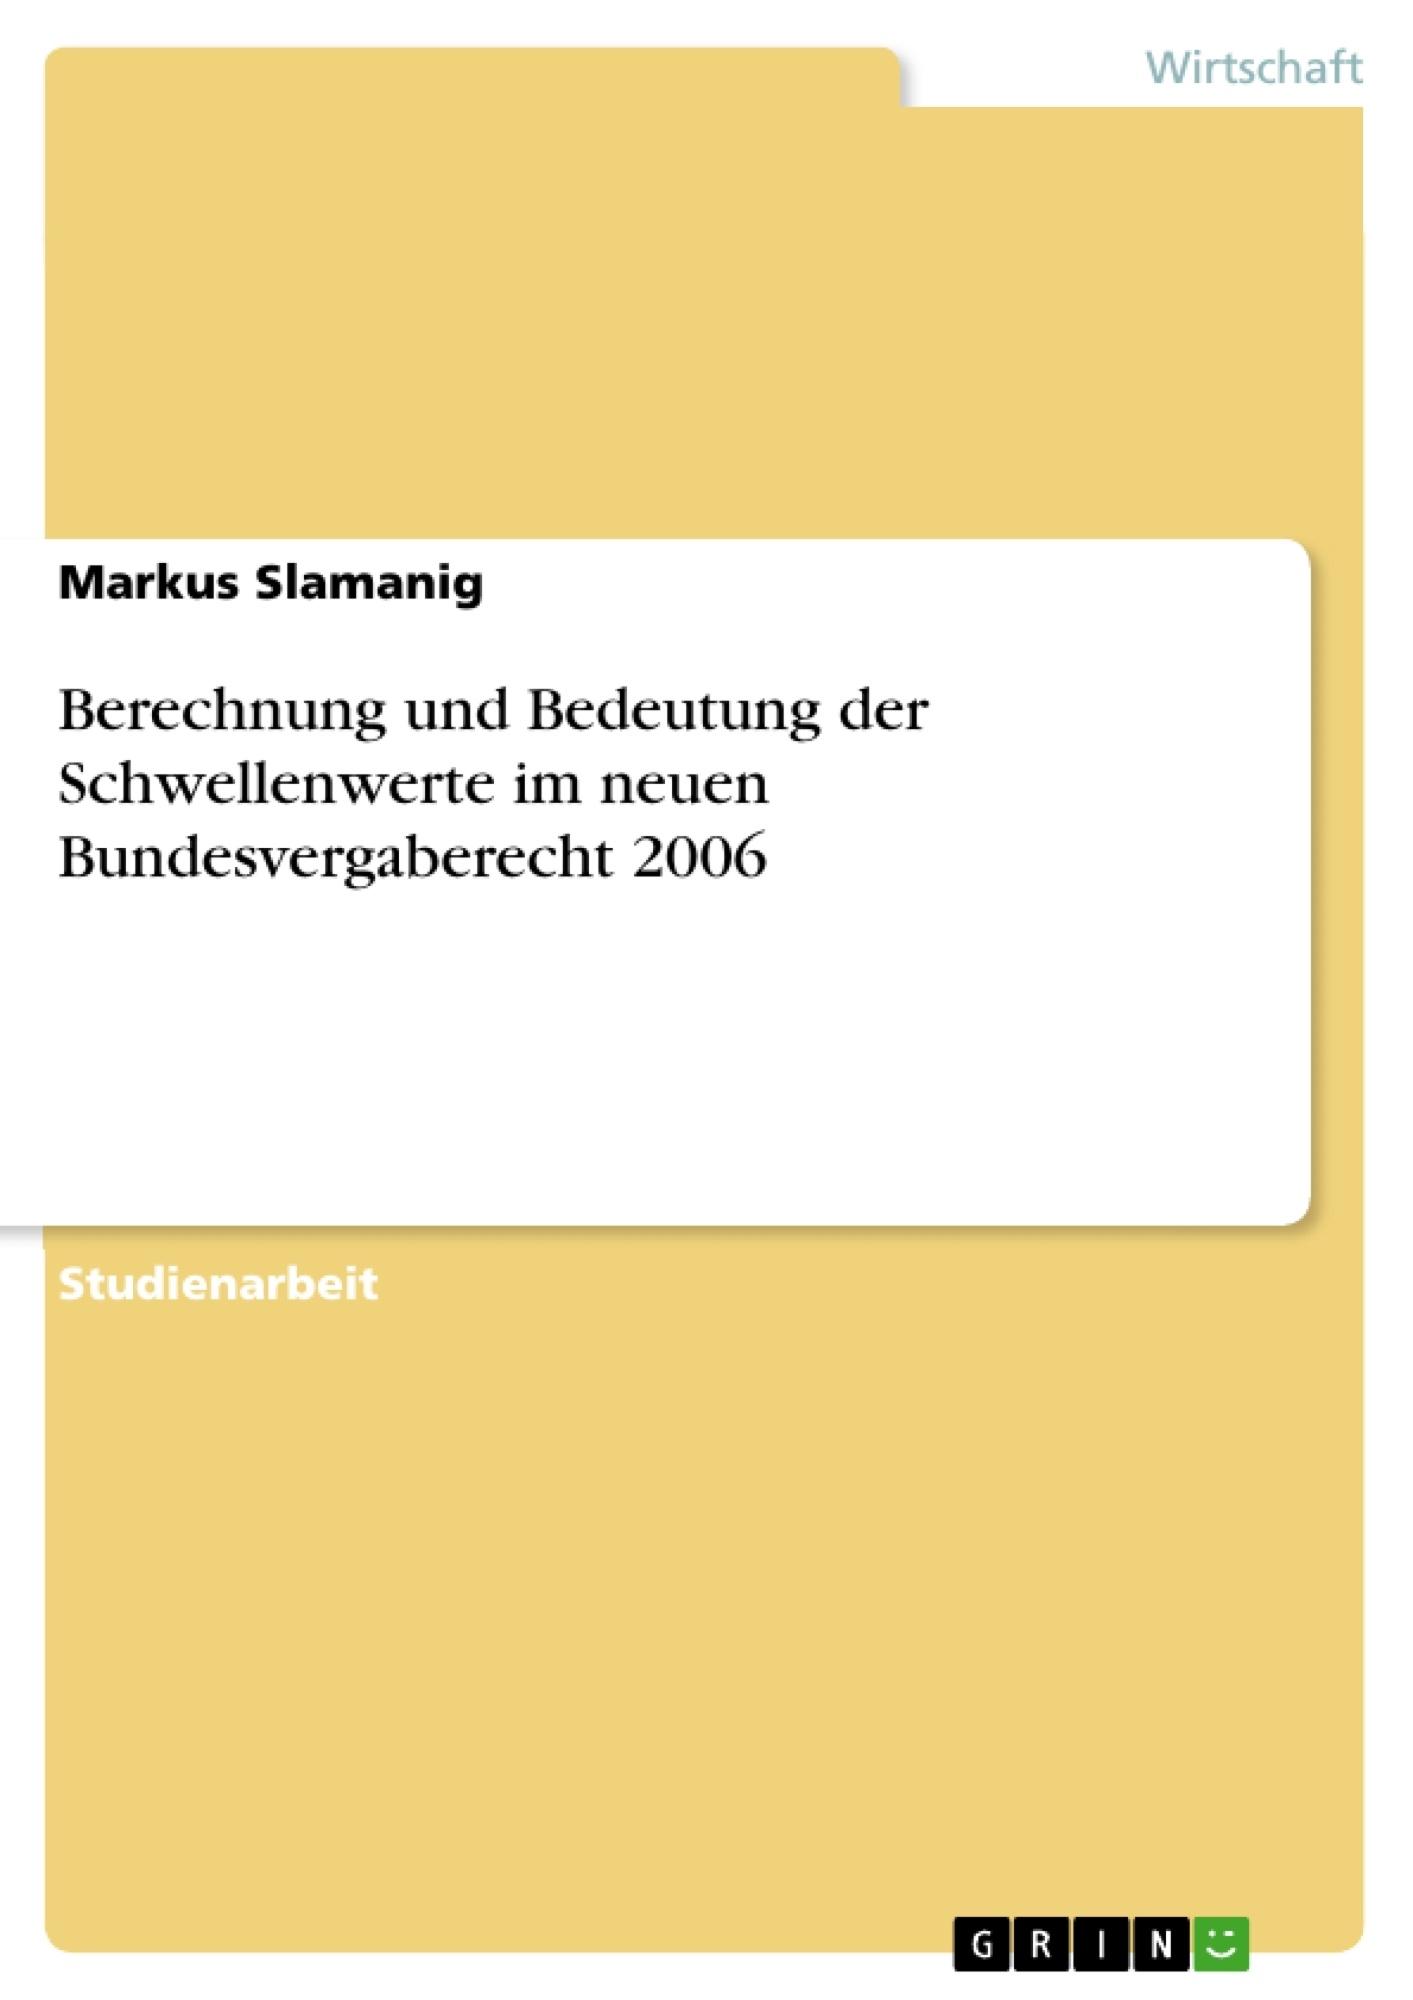 Titel: Berechnung und Bedeutung der Schwellenwerte im neuen Bundesvergaberecht 2006